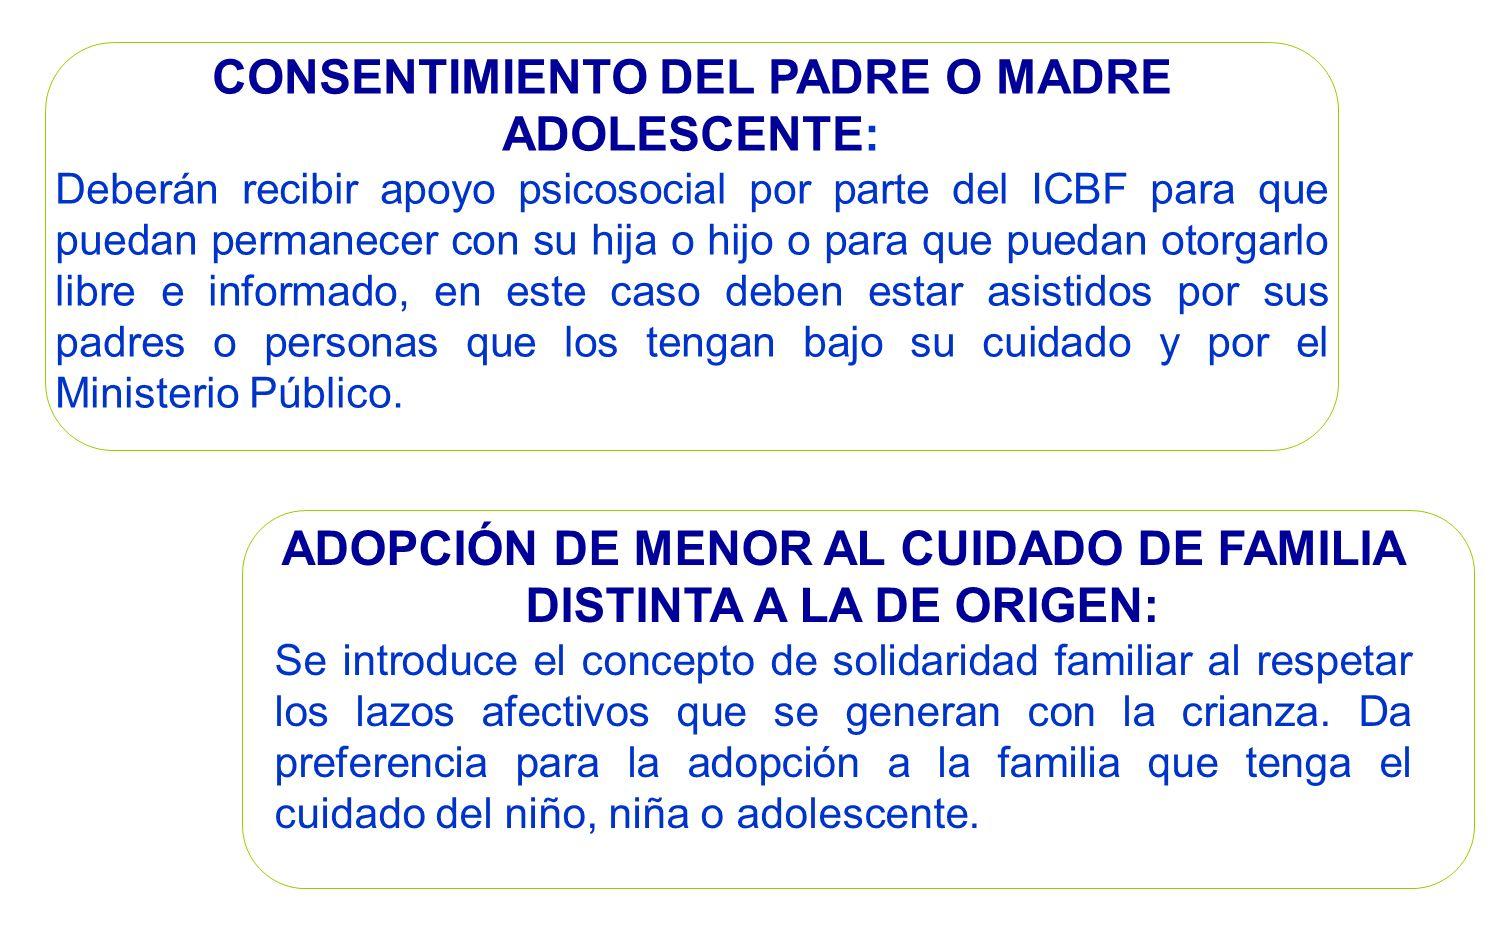 CONSENTIMIENTO DEL PADRE O MADRE ADOLESCENTE: Deberán recibir apoyo psicosocial por parte del ICBF para que puedan permanecer con su hija o hijo o par